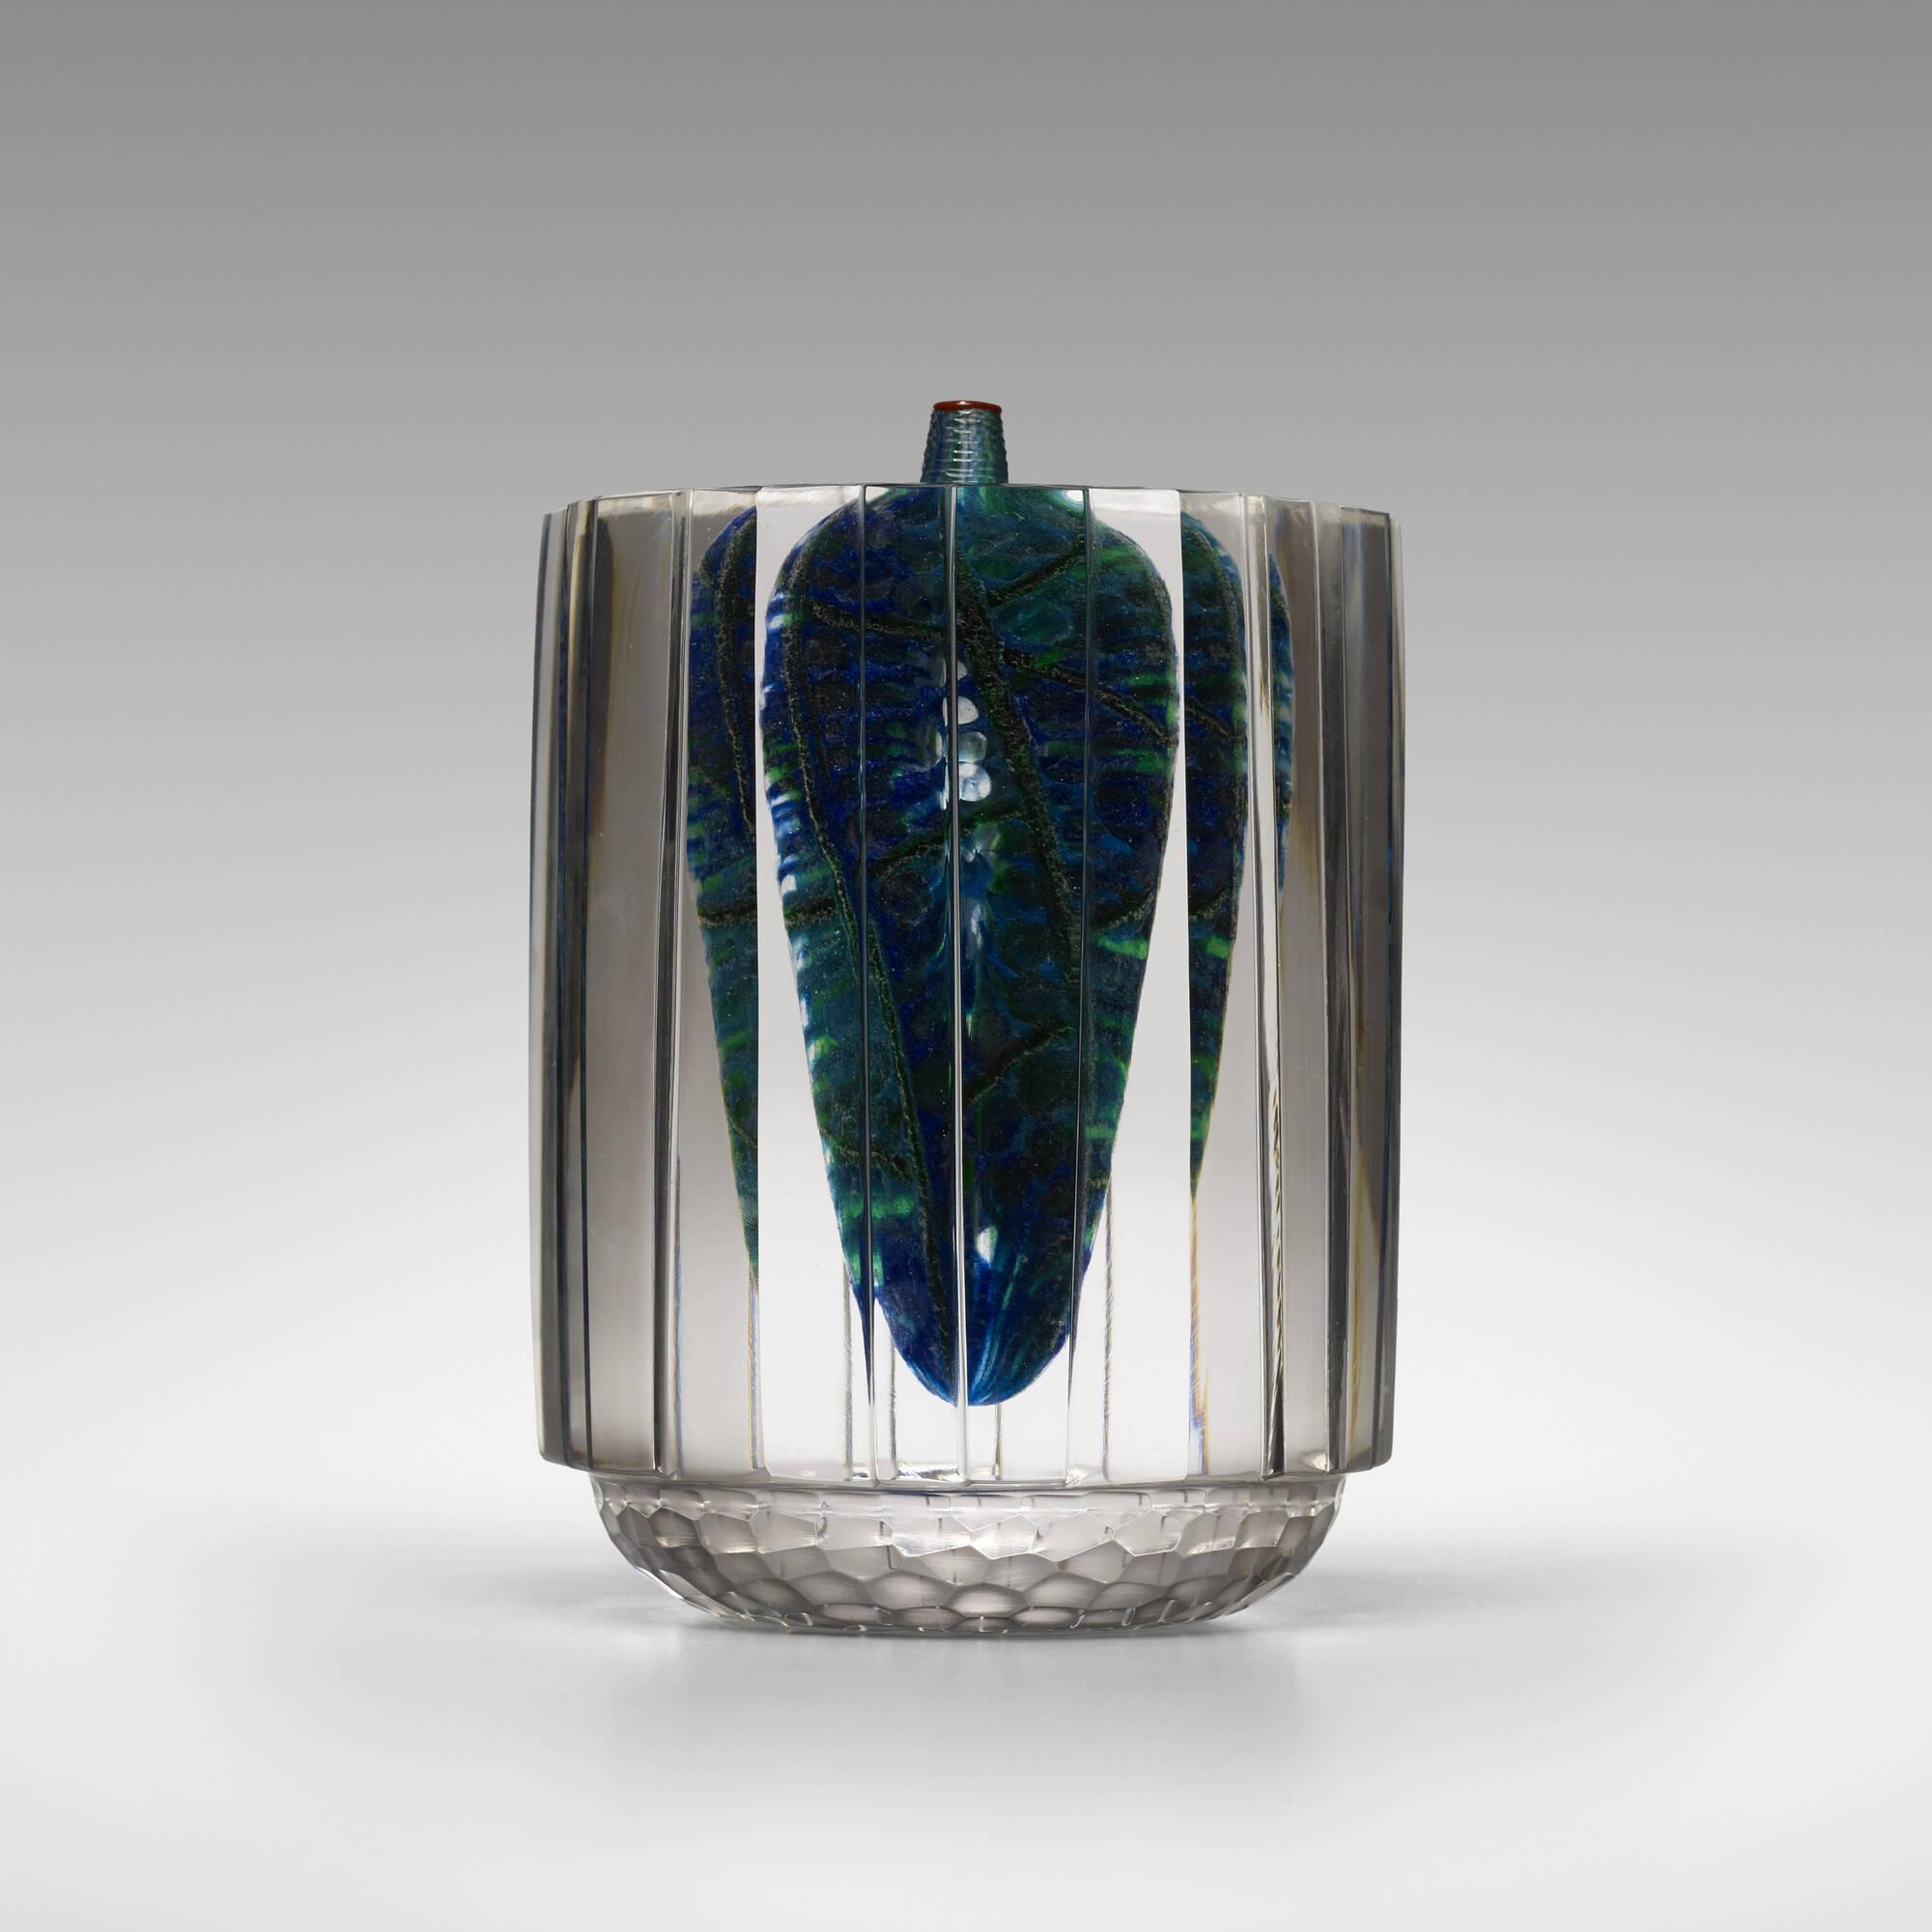 193: Yoichi Ohira / vase (1 of 3)